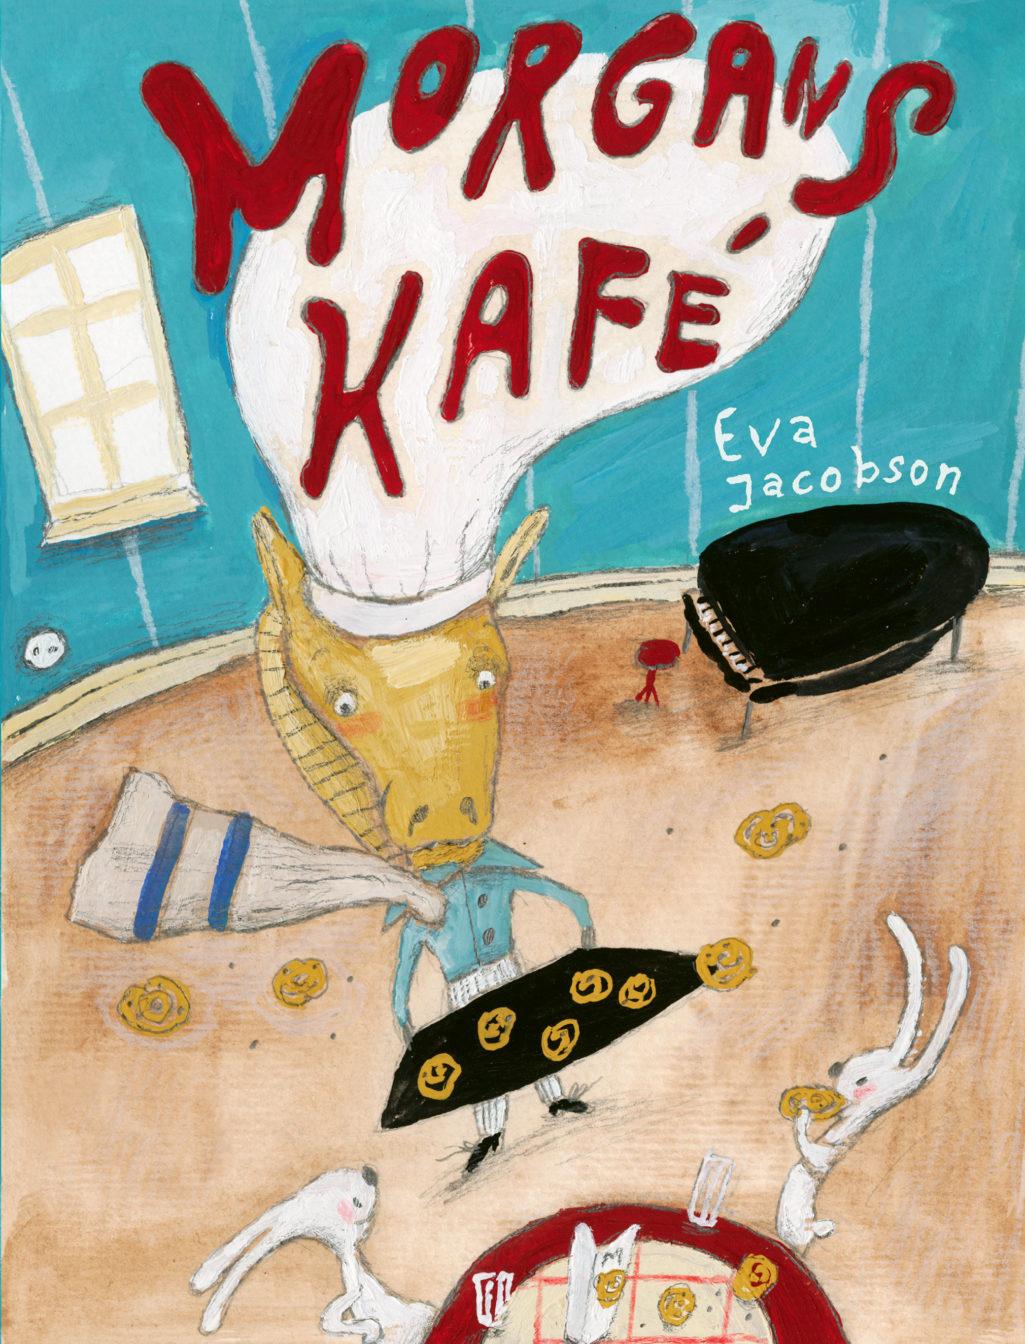 kmorgan-kafe-omslag